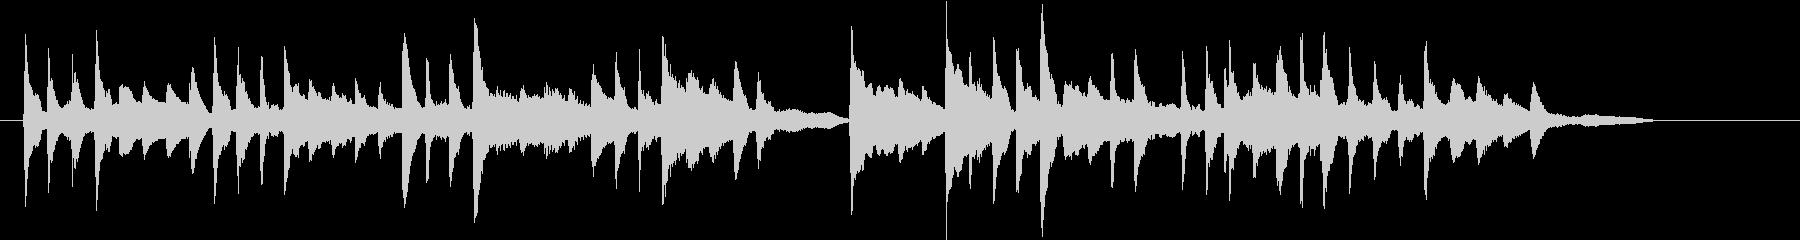 ささやかな感動シーンに合うピアノソロですの未再生の波形